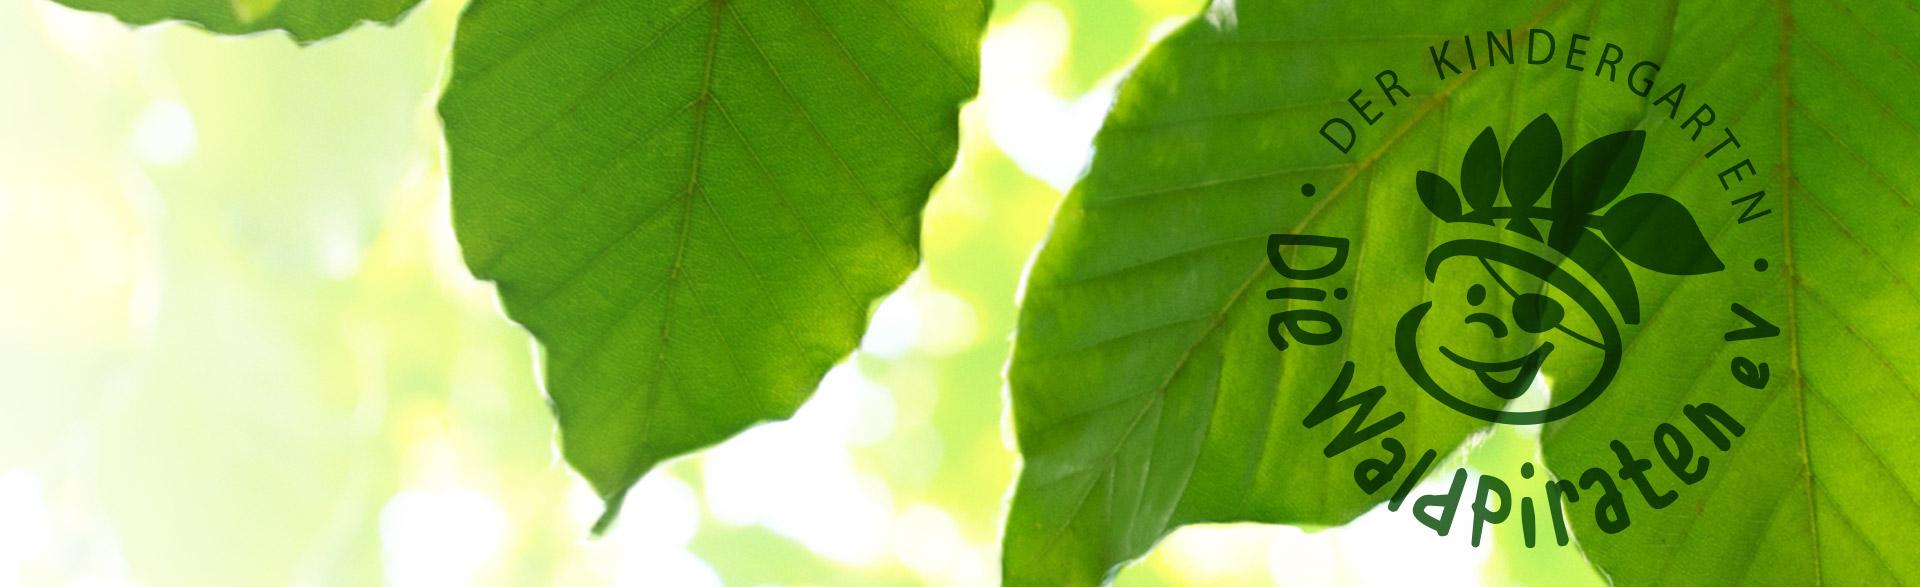 lichtdurchflutete Blätter, davor das Logo des Kindergartens Die Waldpiraten